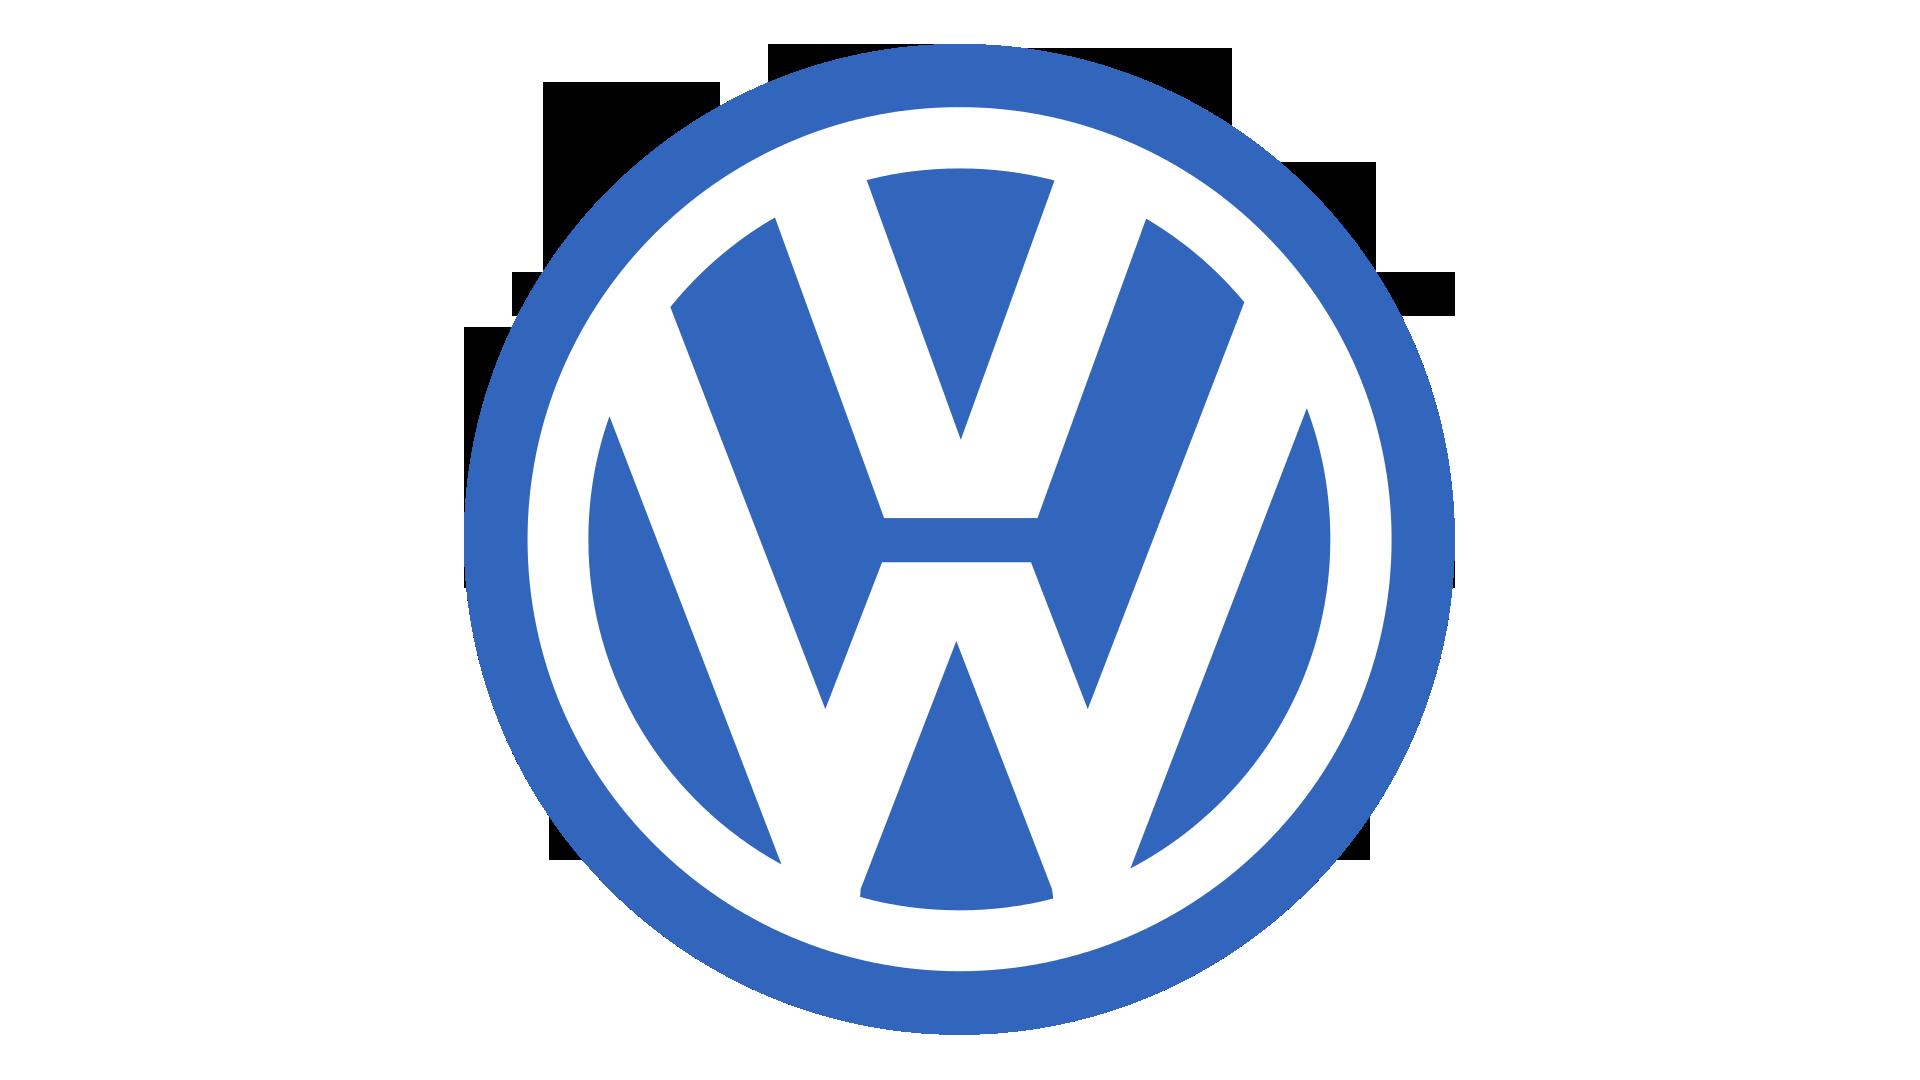 1920x1080 (HD 1080p) - Volkswagen PNG